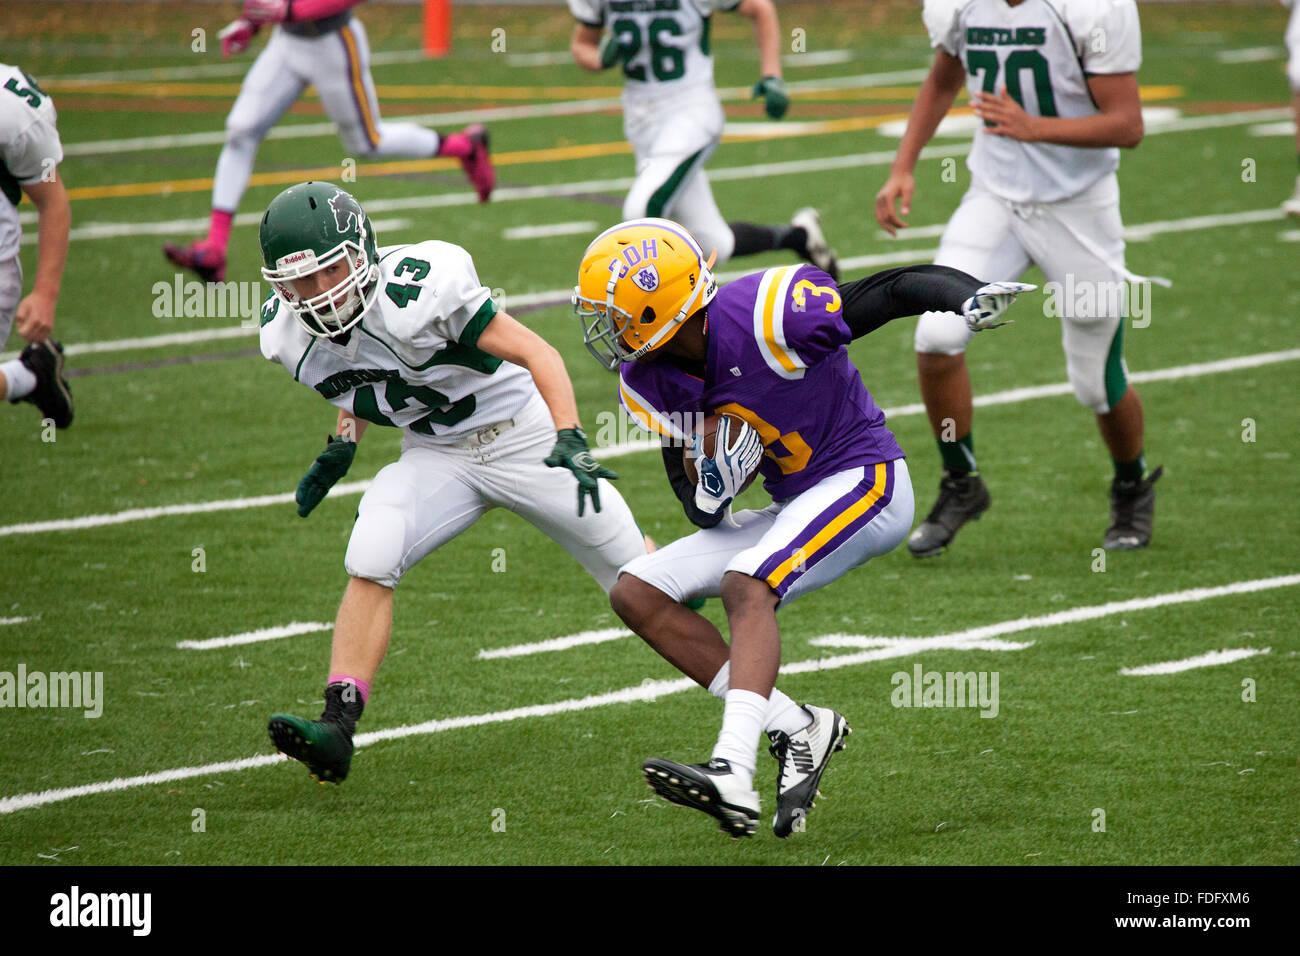 Cretin-Derham Hall High School Football player corriendo con el balón jugando Mounds View, Jr Varsity juego. St Paul MN Minnesota EE.UU. Foto de stock